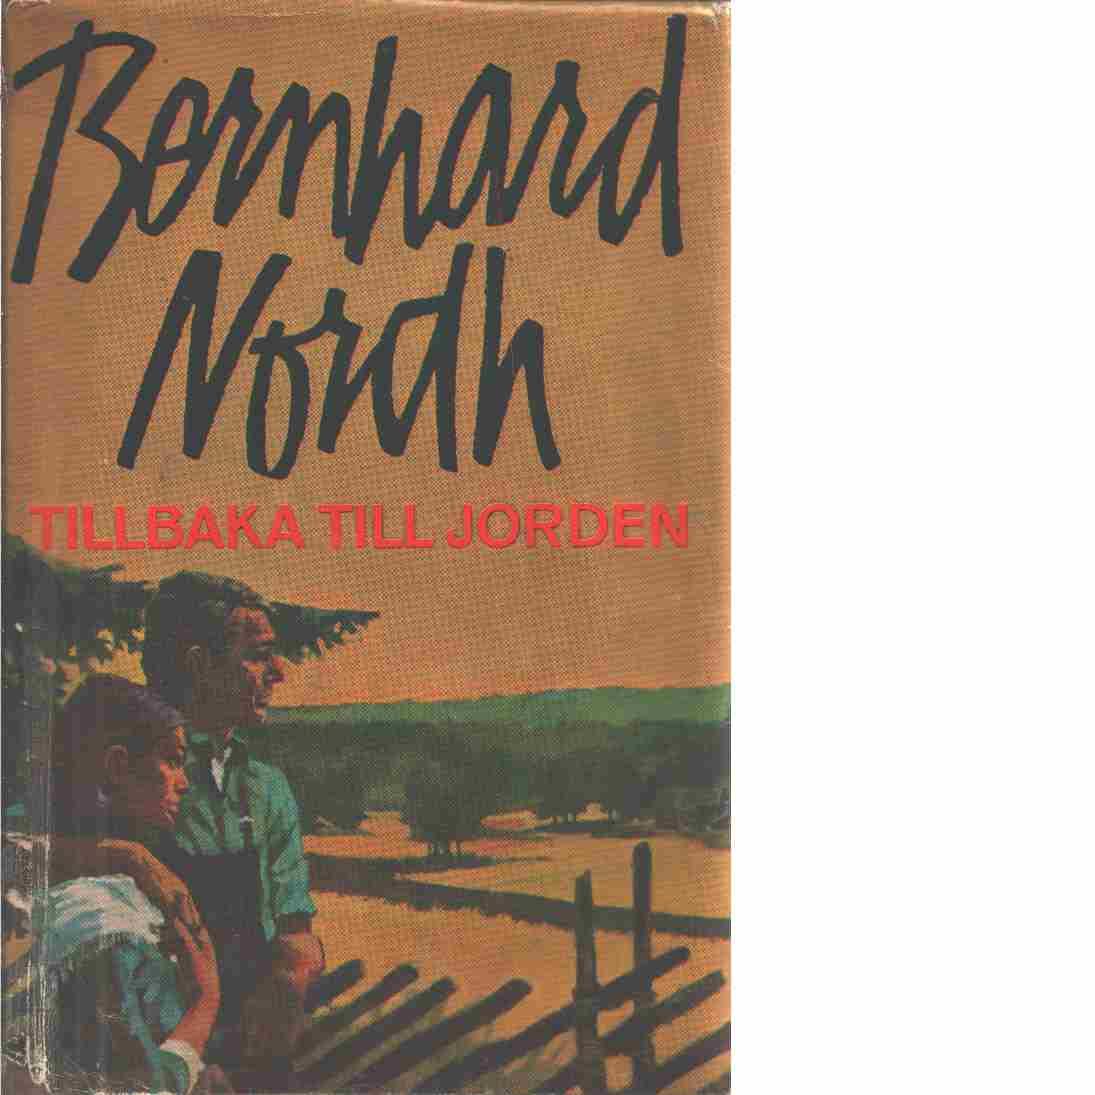 Tillbaka till jorden - Nordh, Bernhard